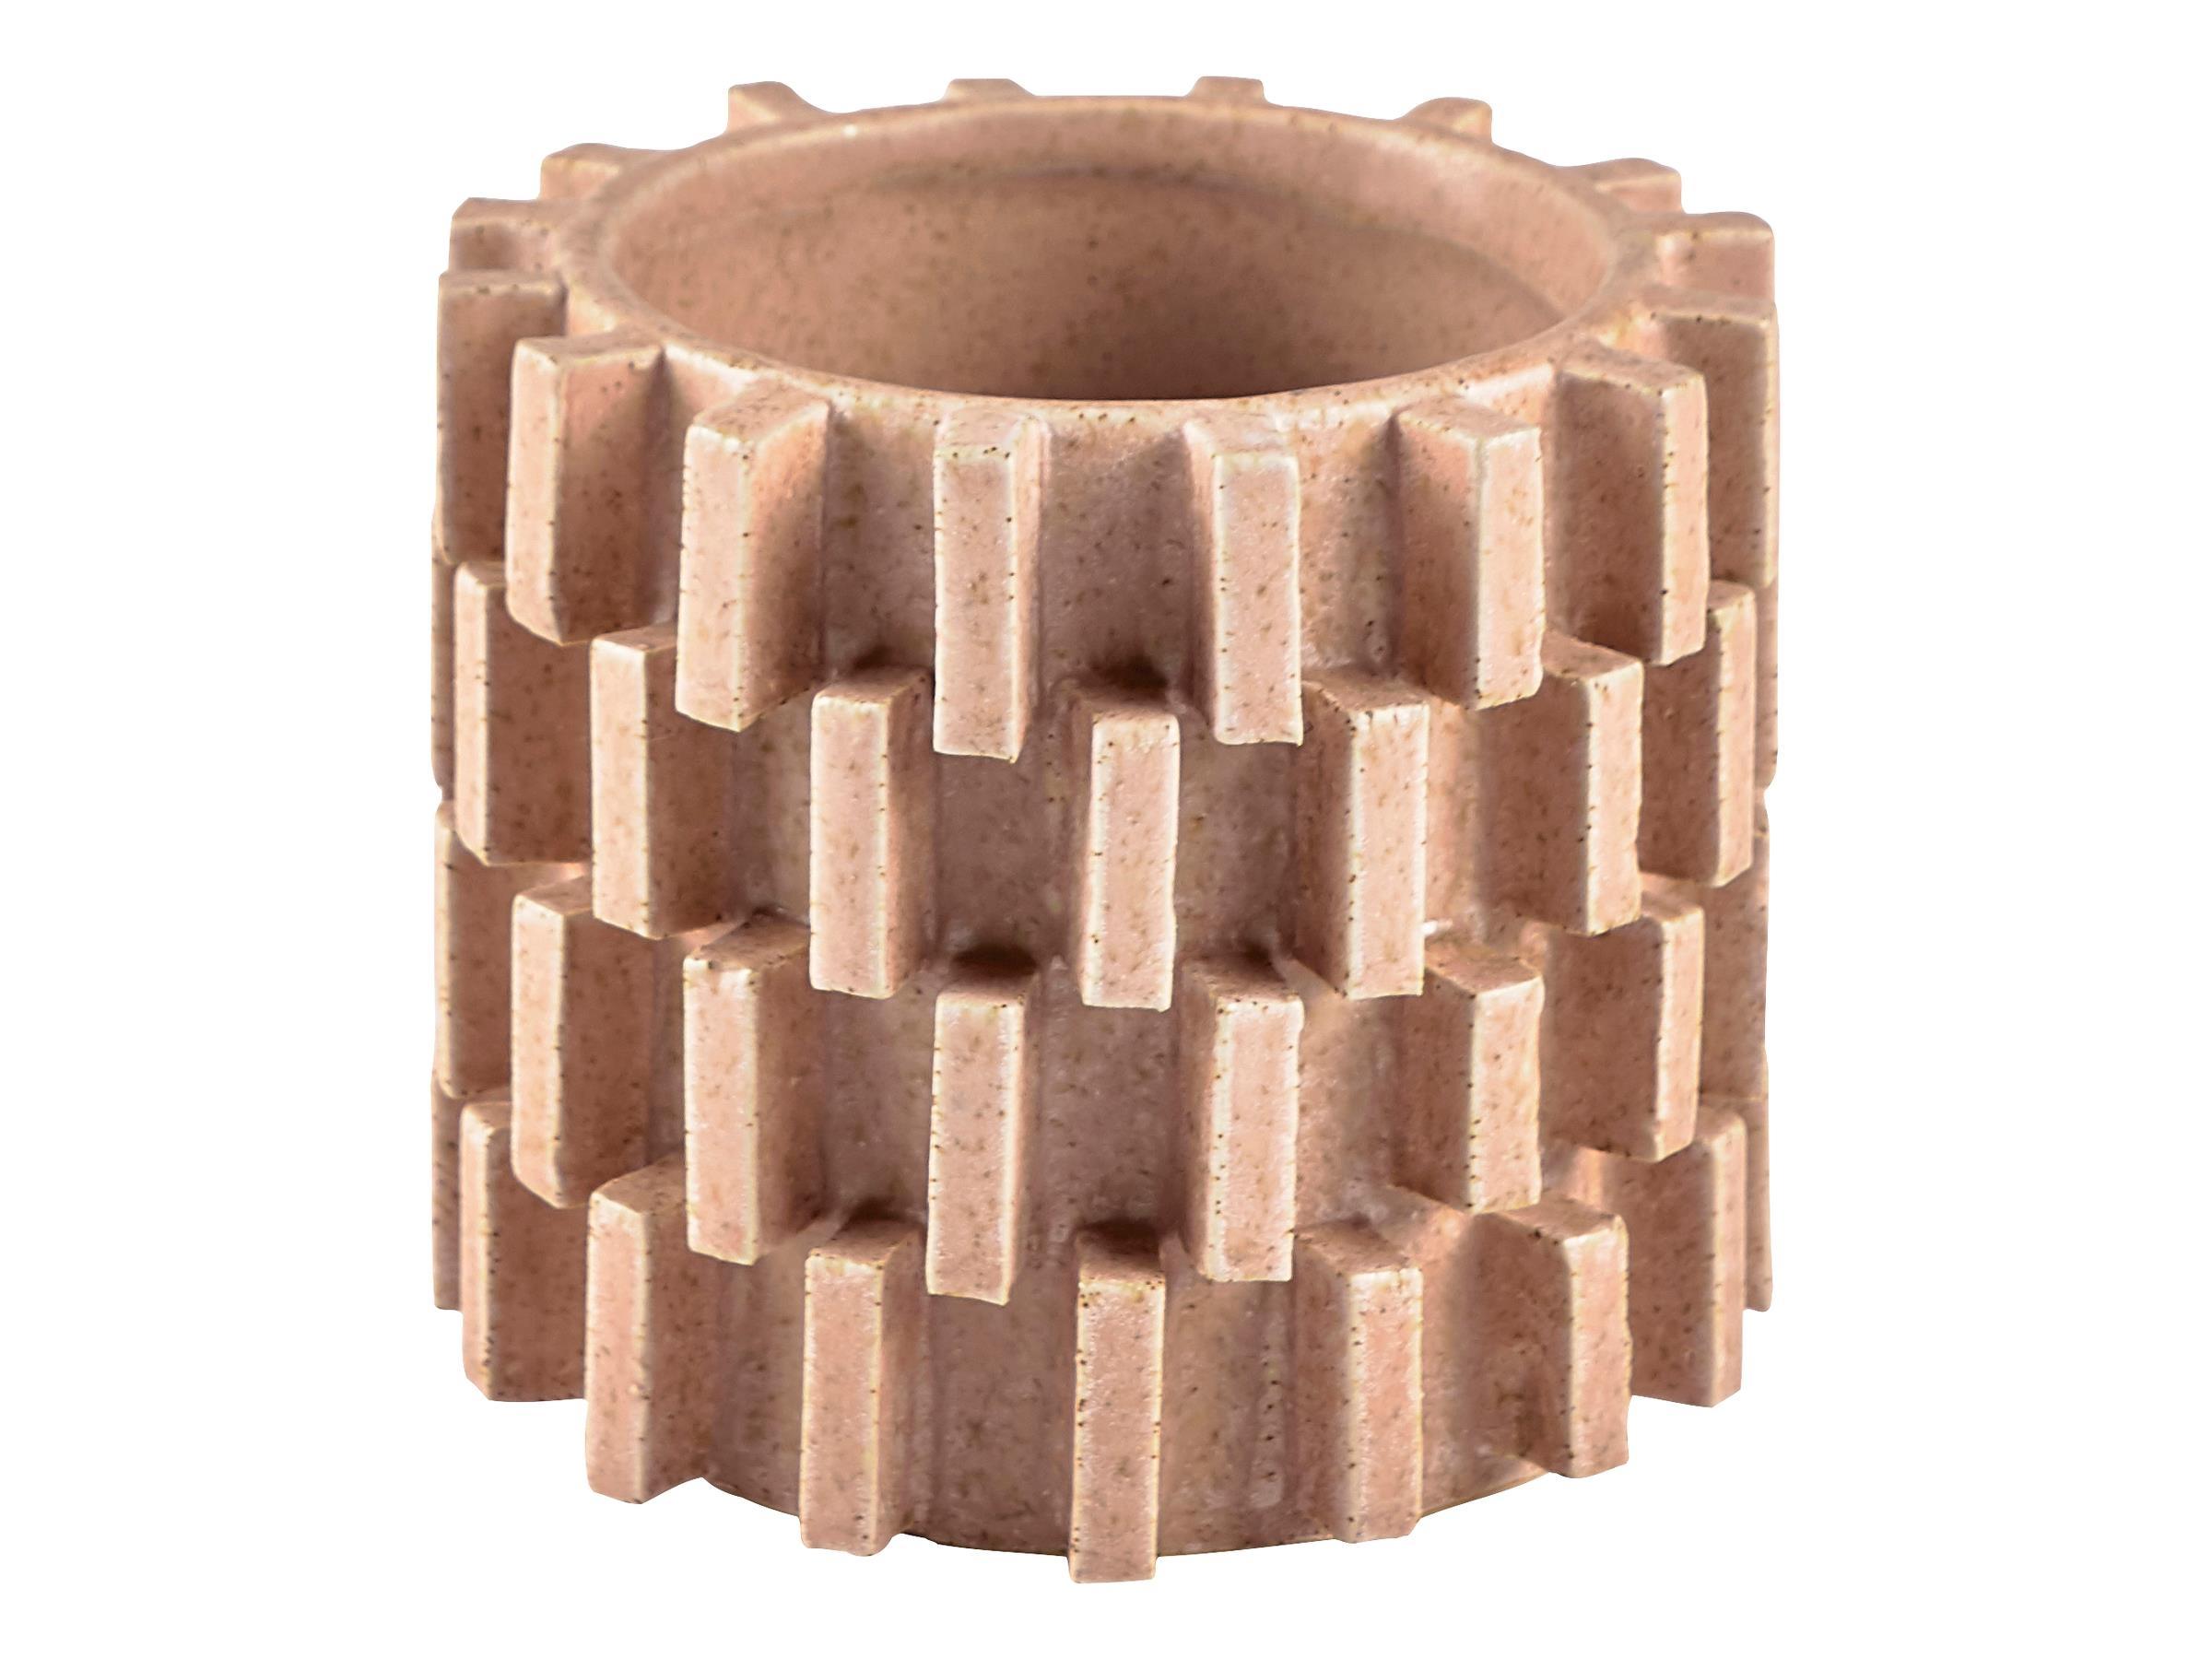 Vaza decorativa din ceramica Stone Small 12223 Natural, Ø12,5xH10,8 cm, Villa Collection poza